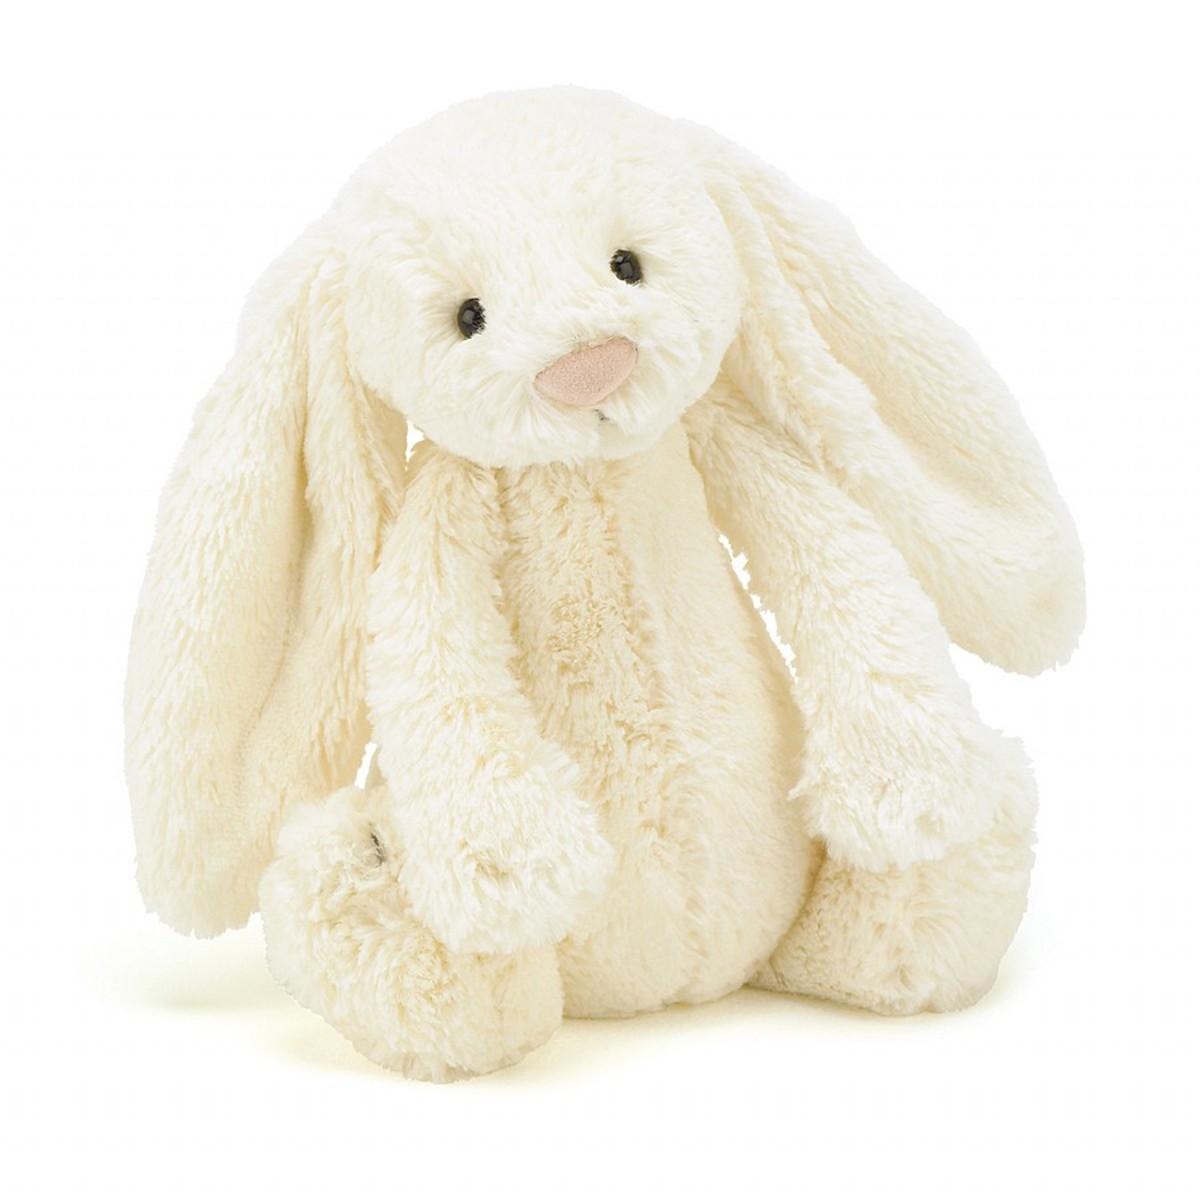 Peluche Bashful Cream Bunny - Medium Bashful Cream Bunny - Medium